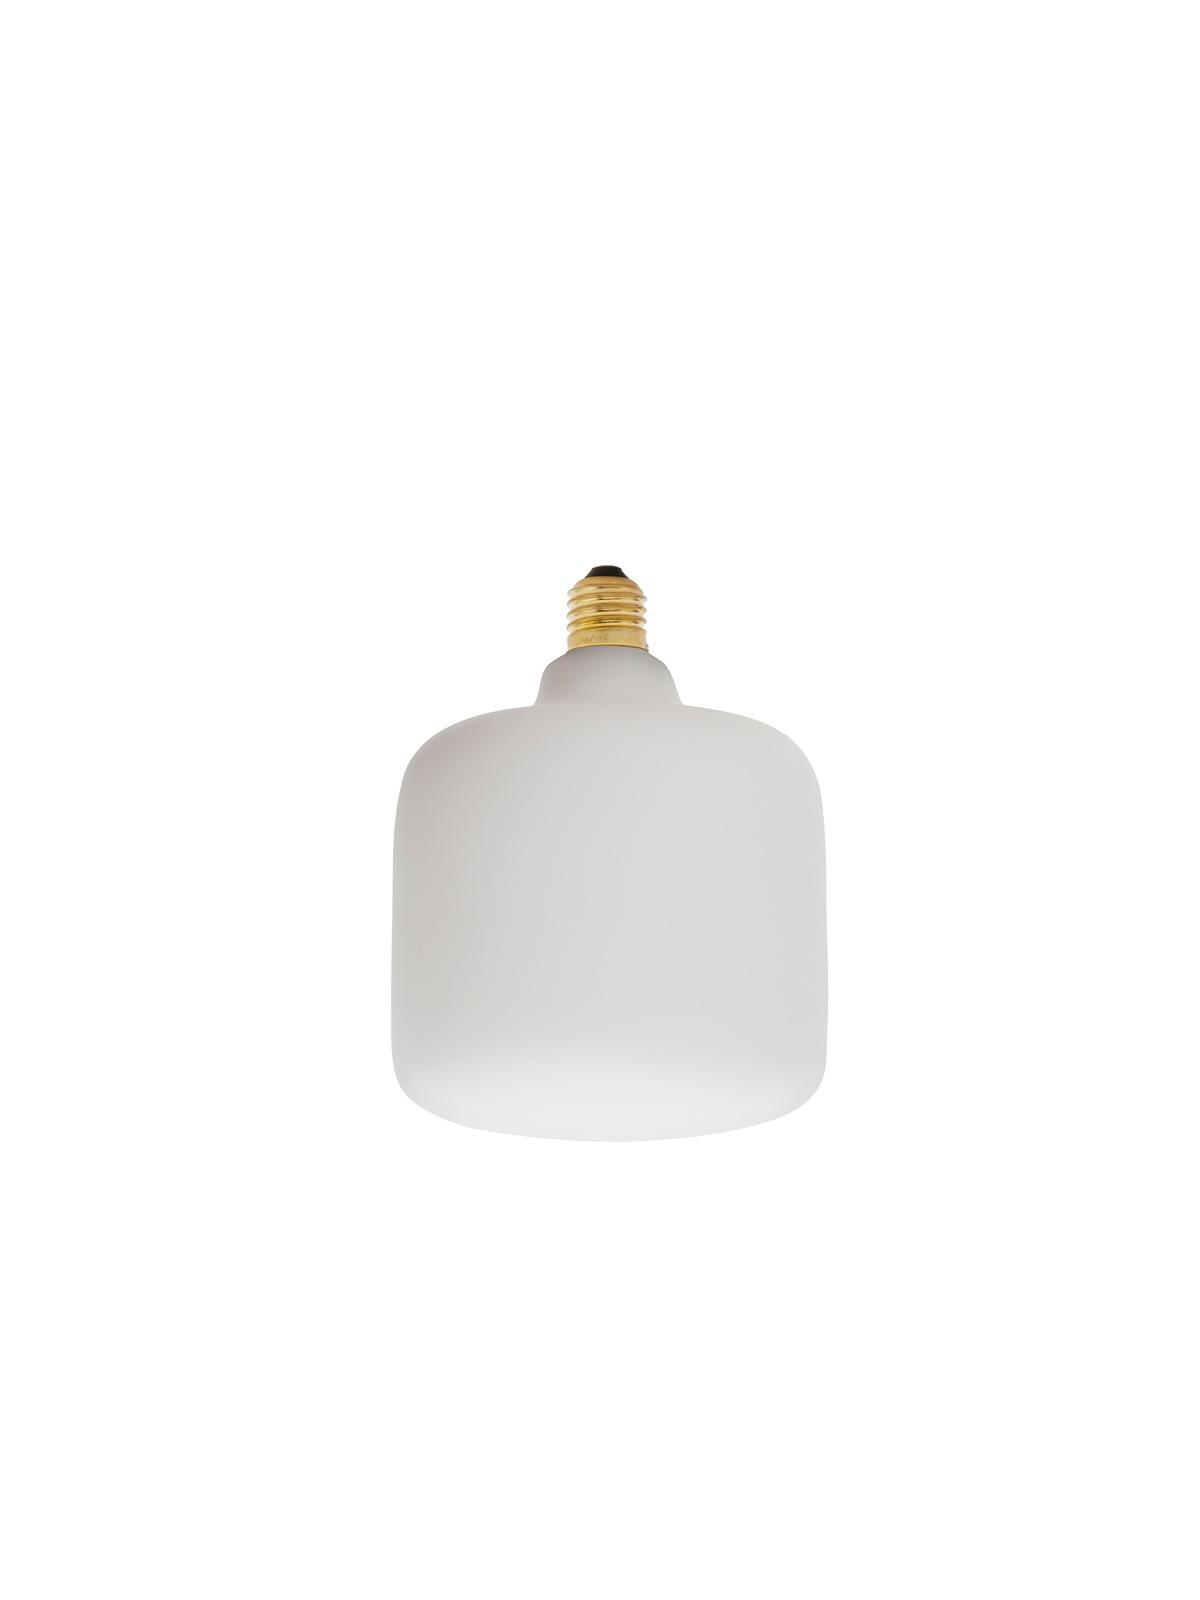 Porzellan Leuchtmittel Tala Glühbirne weiß DesignOrt Licht Lampen Leuchten Onlinehop Berlin